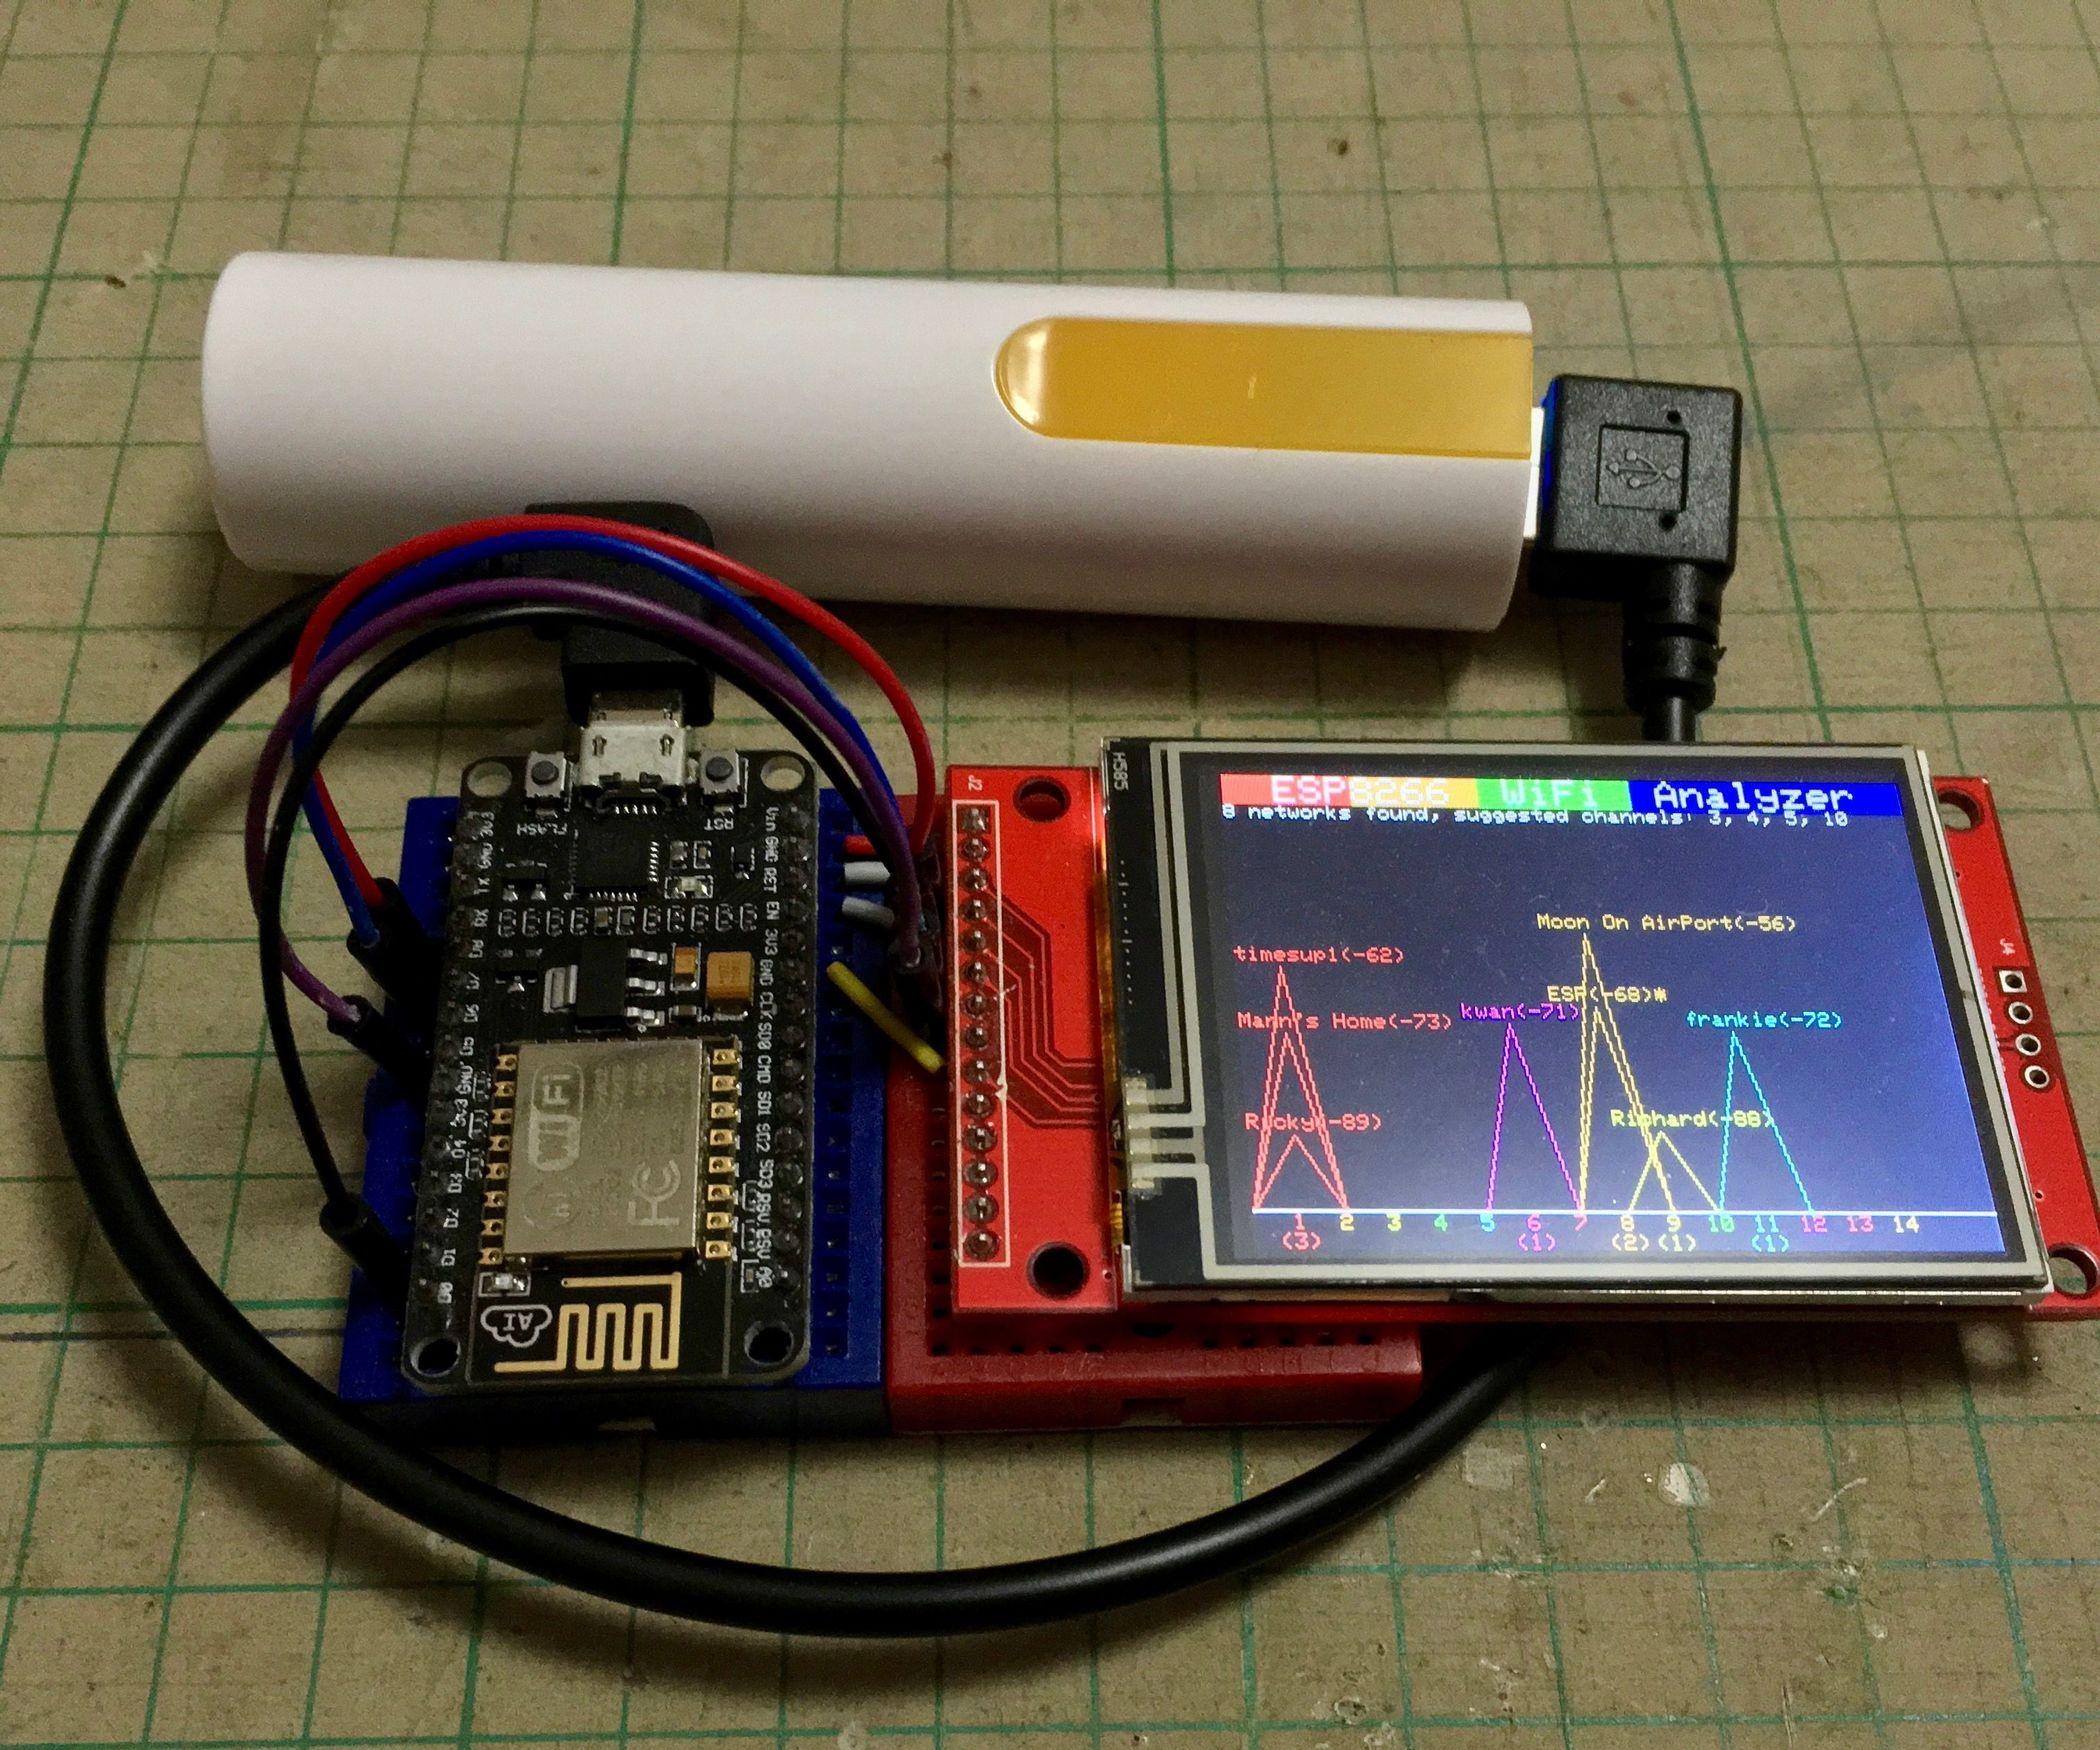 ESP8266 WiFi Analyzer | Wifi, Arduino and Computer forensics